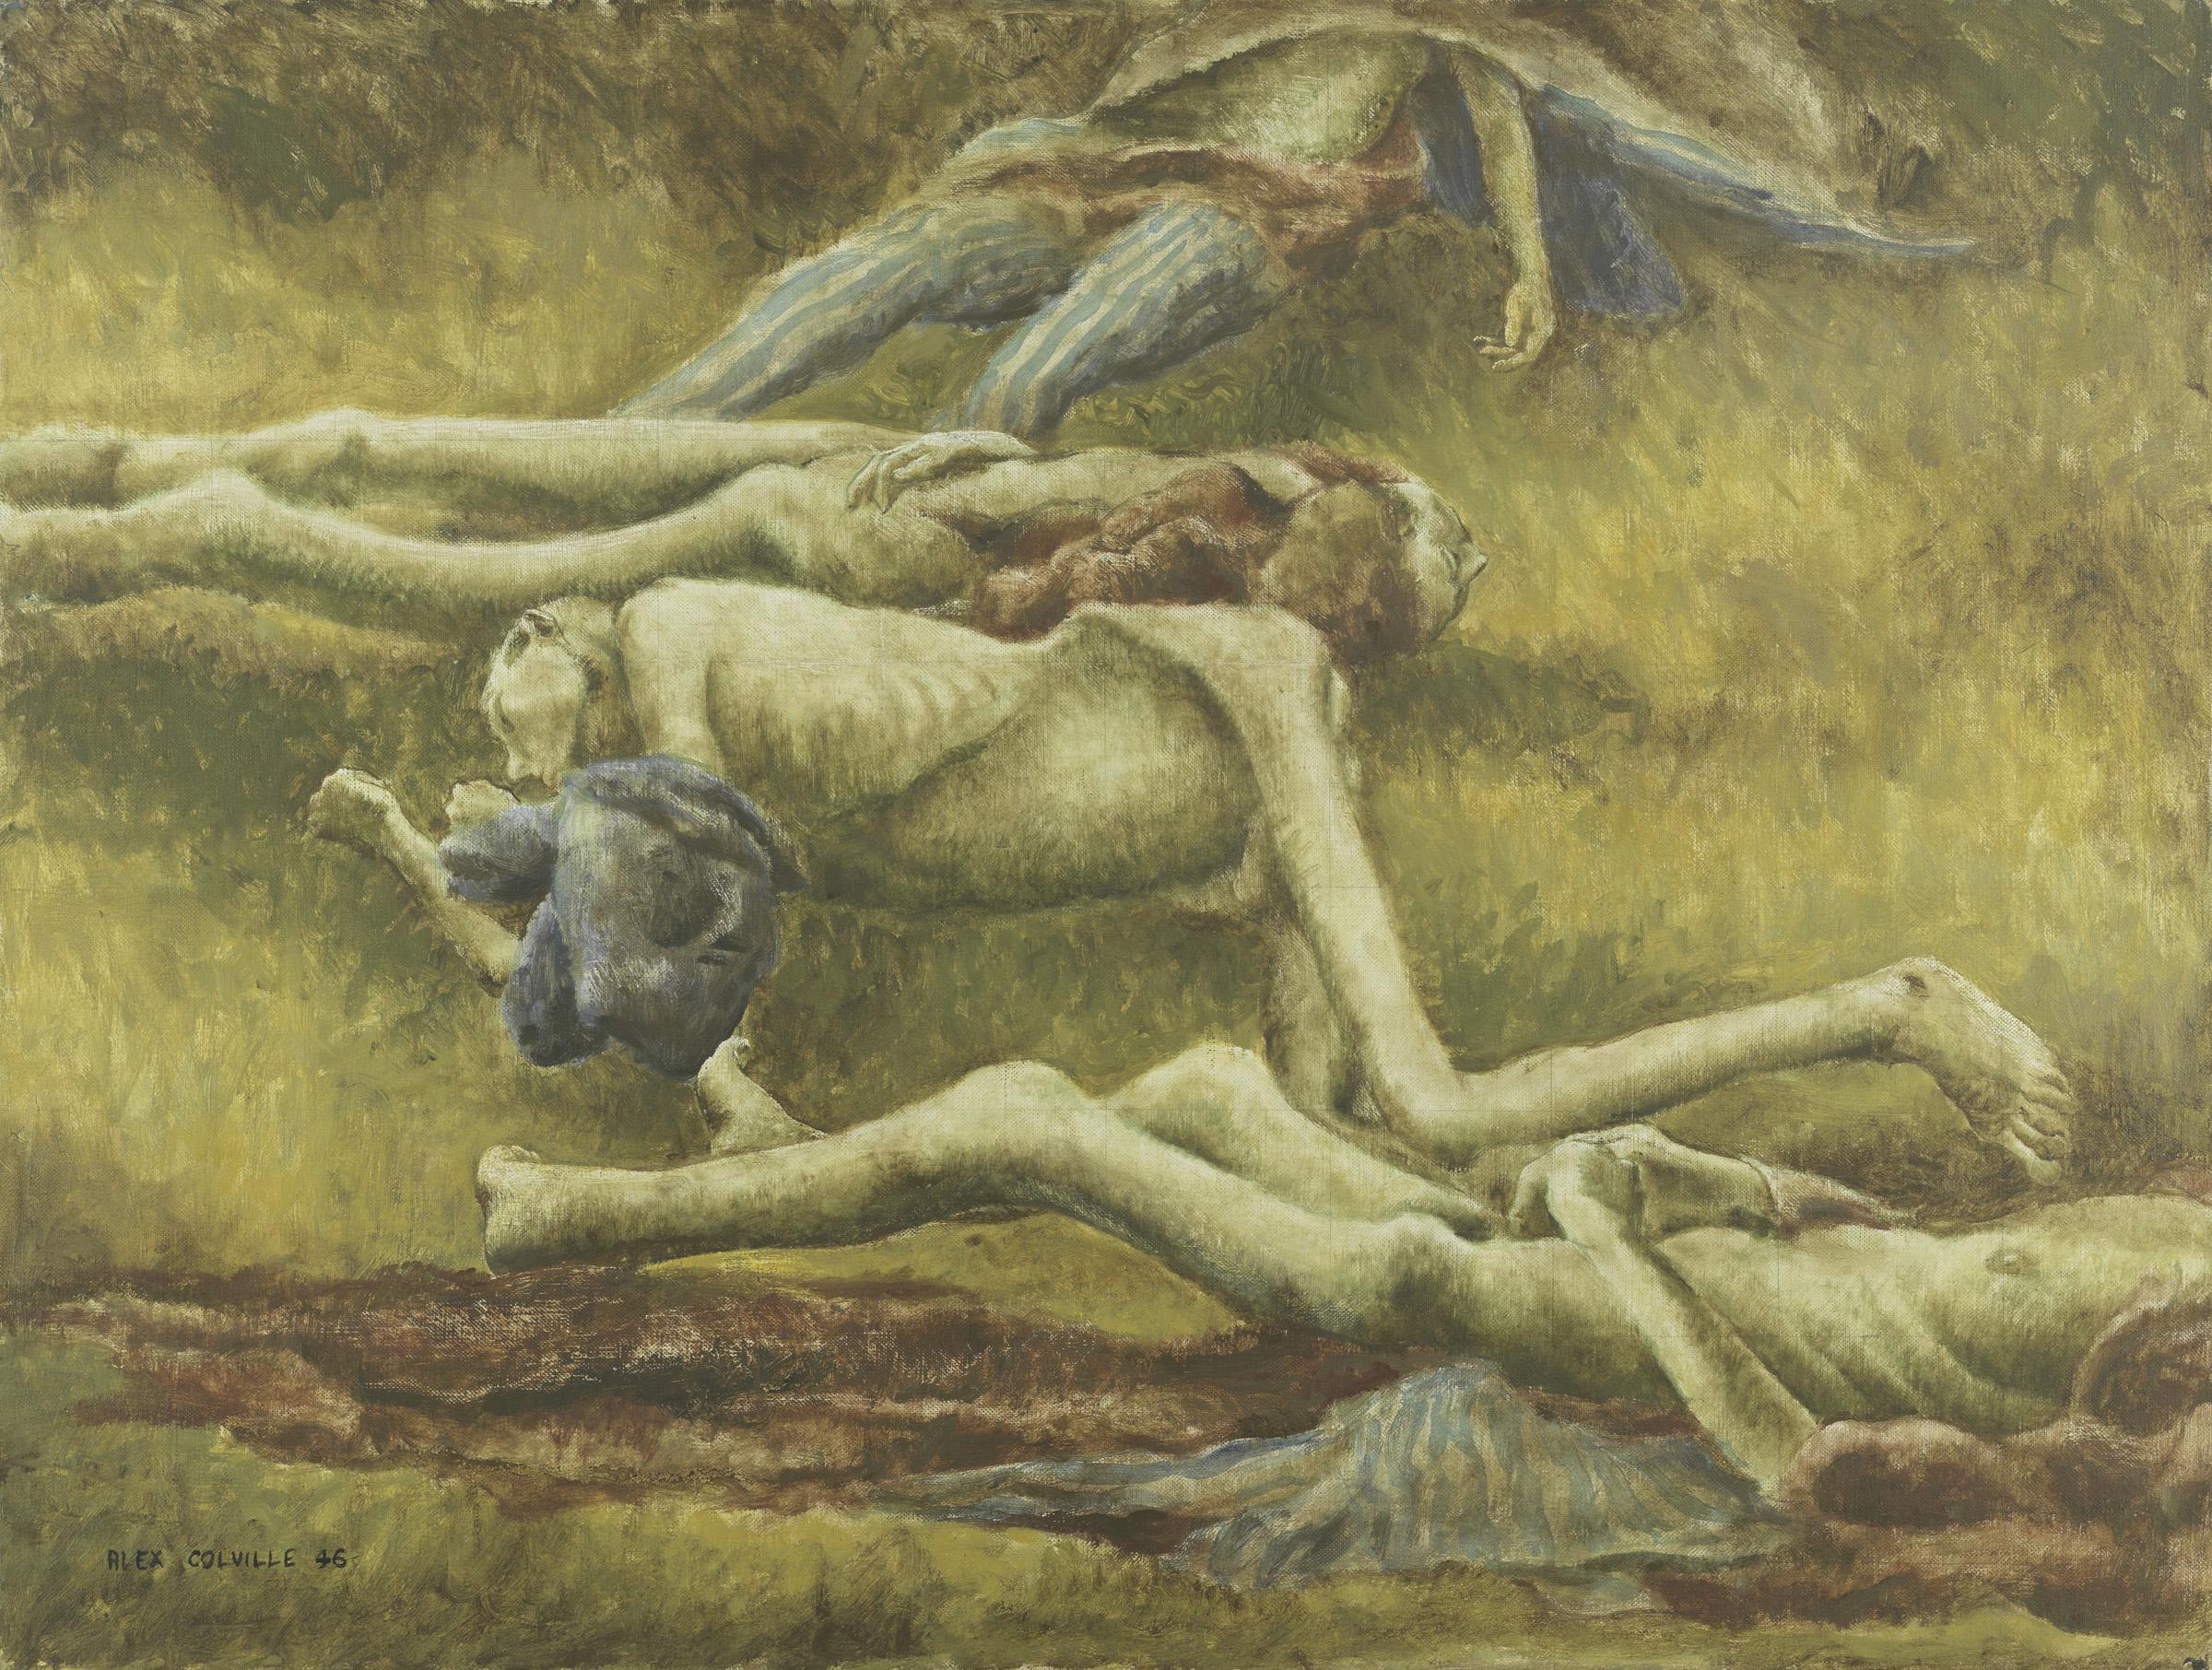 Corps dans une tombe, Belsen